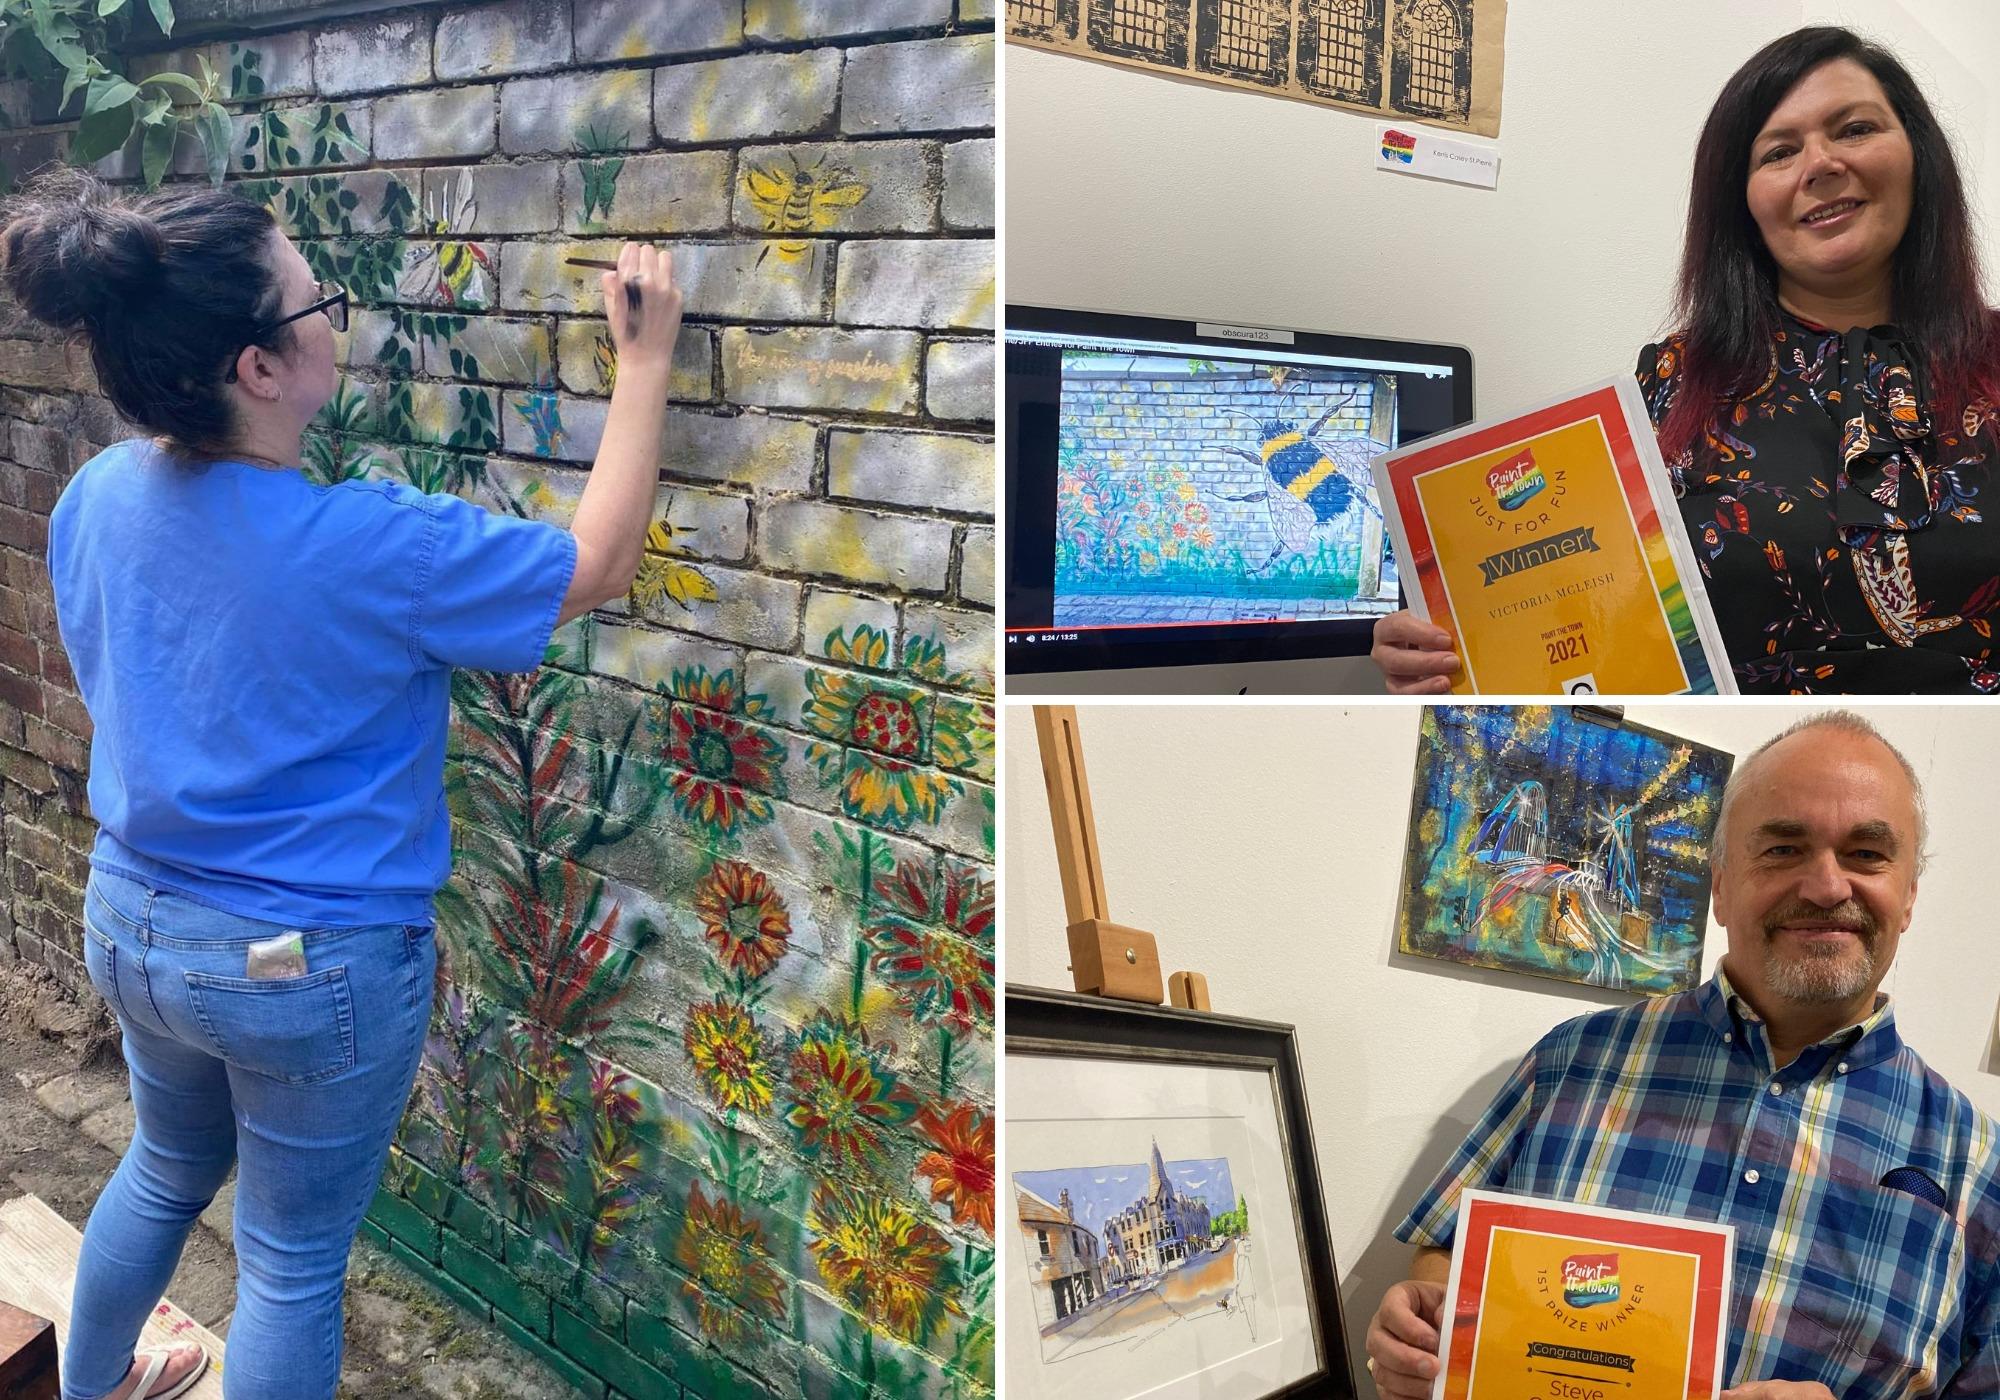 Dos artistas ganan premios en el proyecto 'Paint the Town' de Blackburn